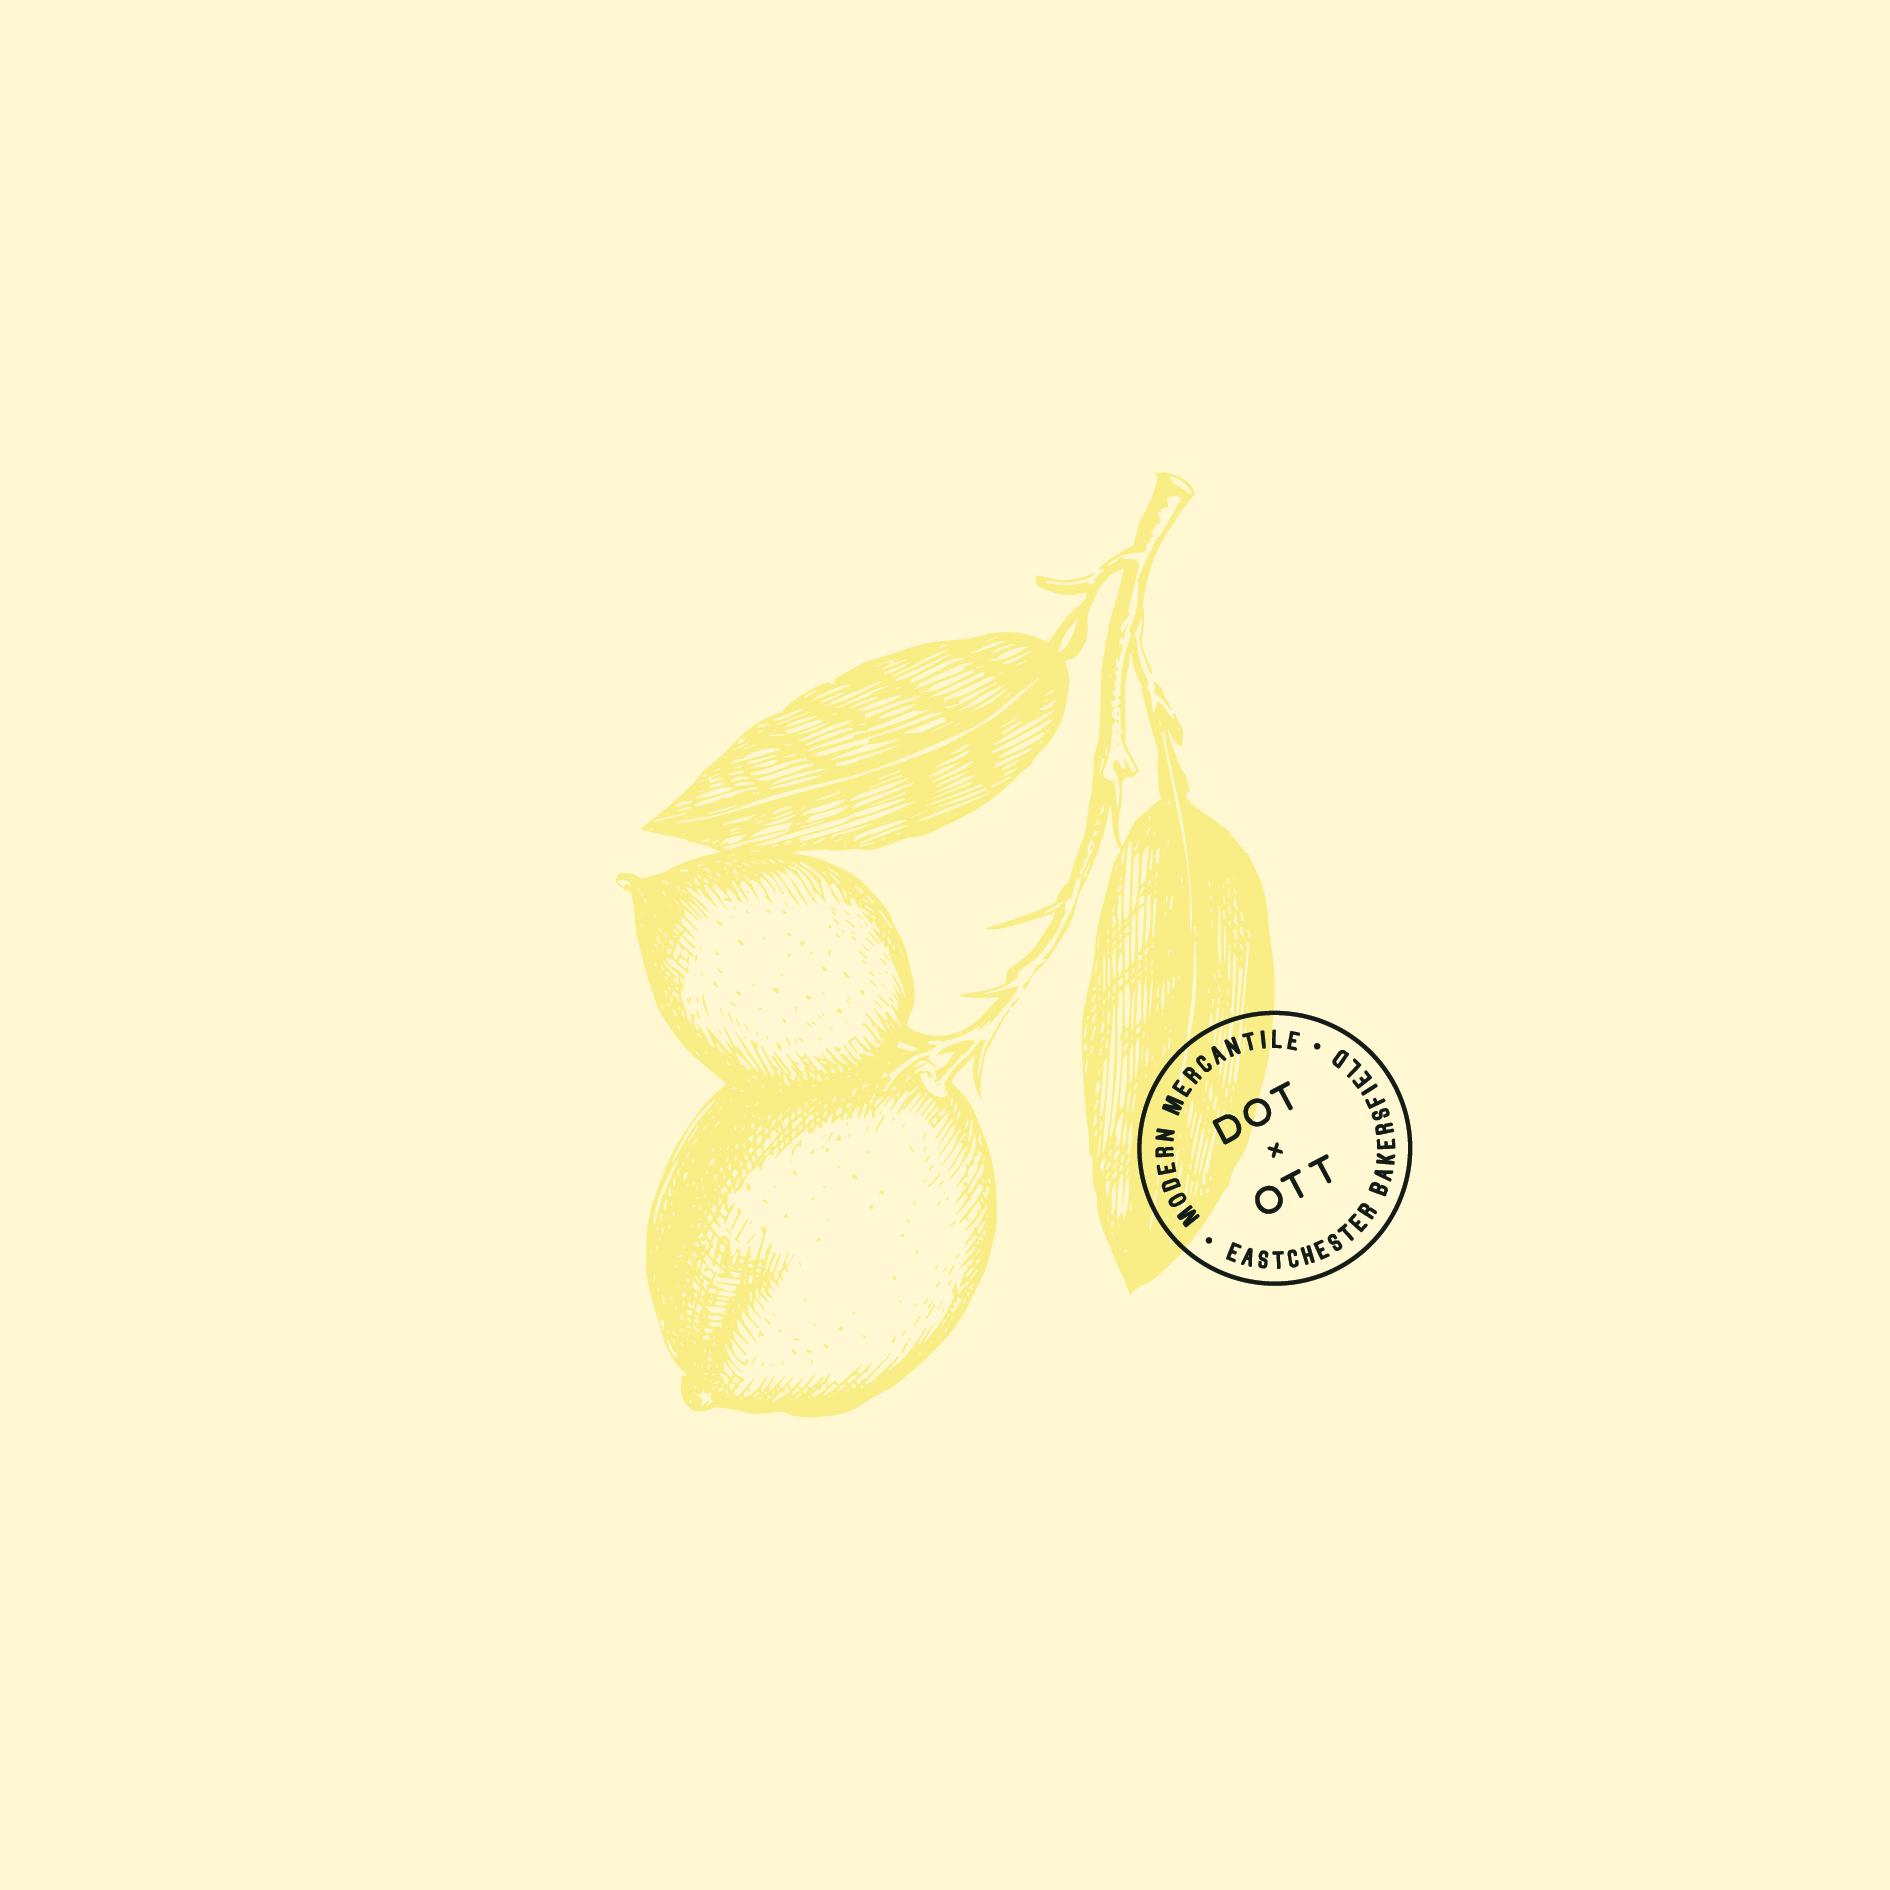 DxO_Square_Lemon_Yellow.png